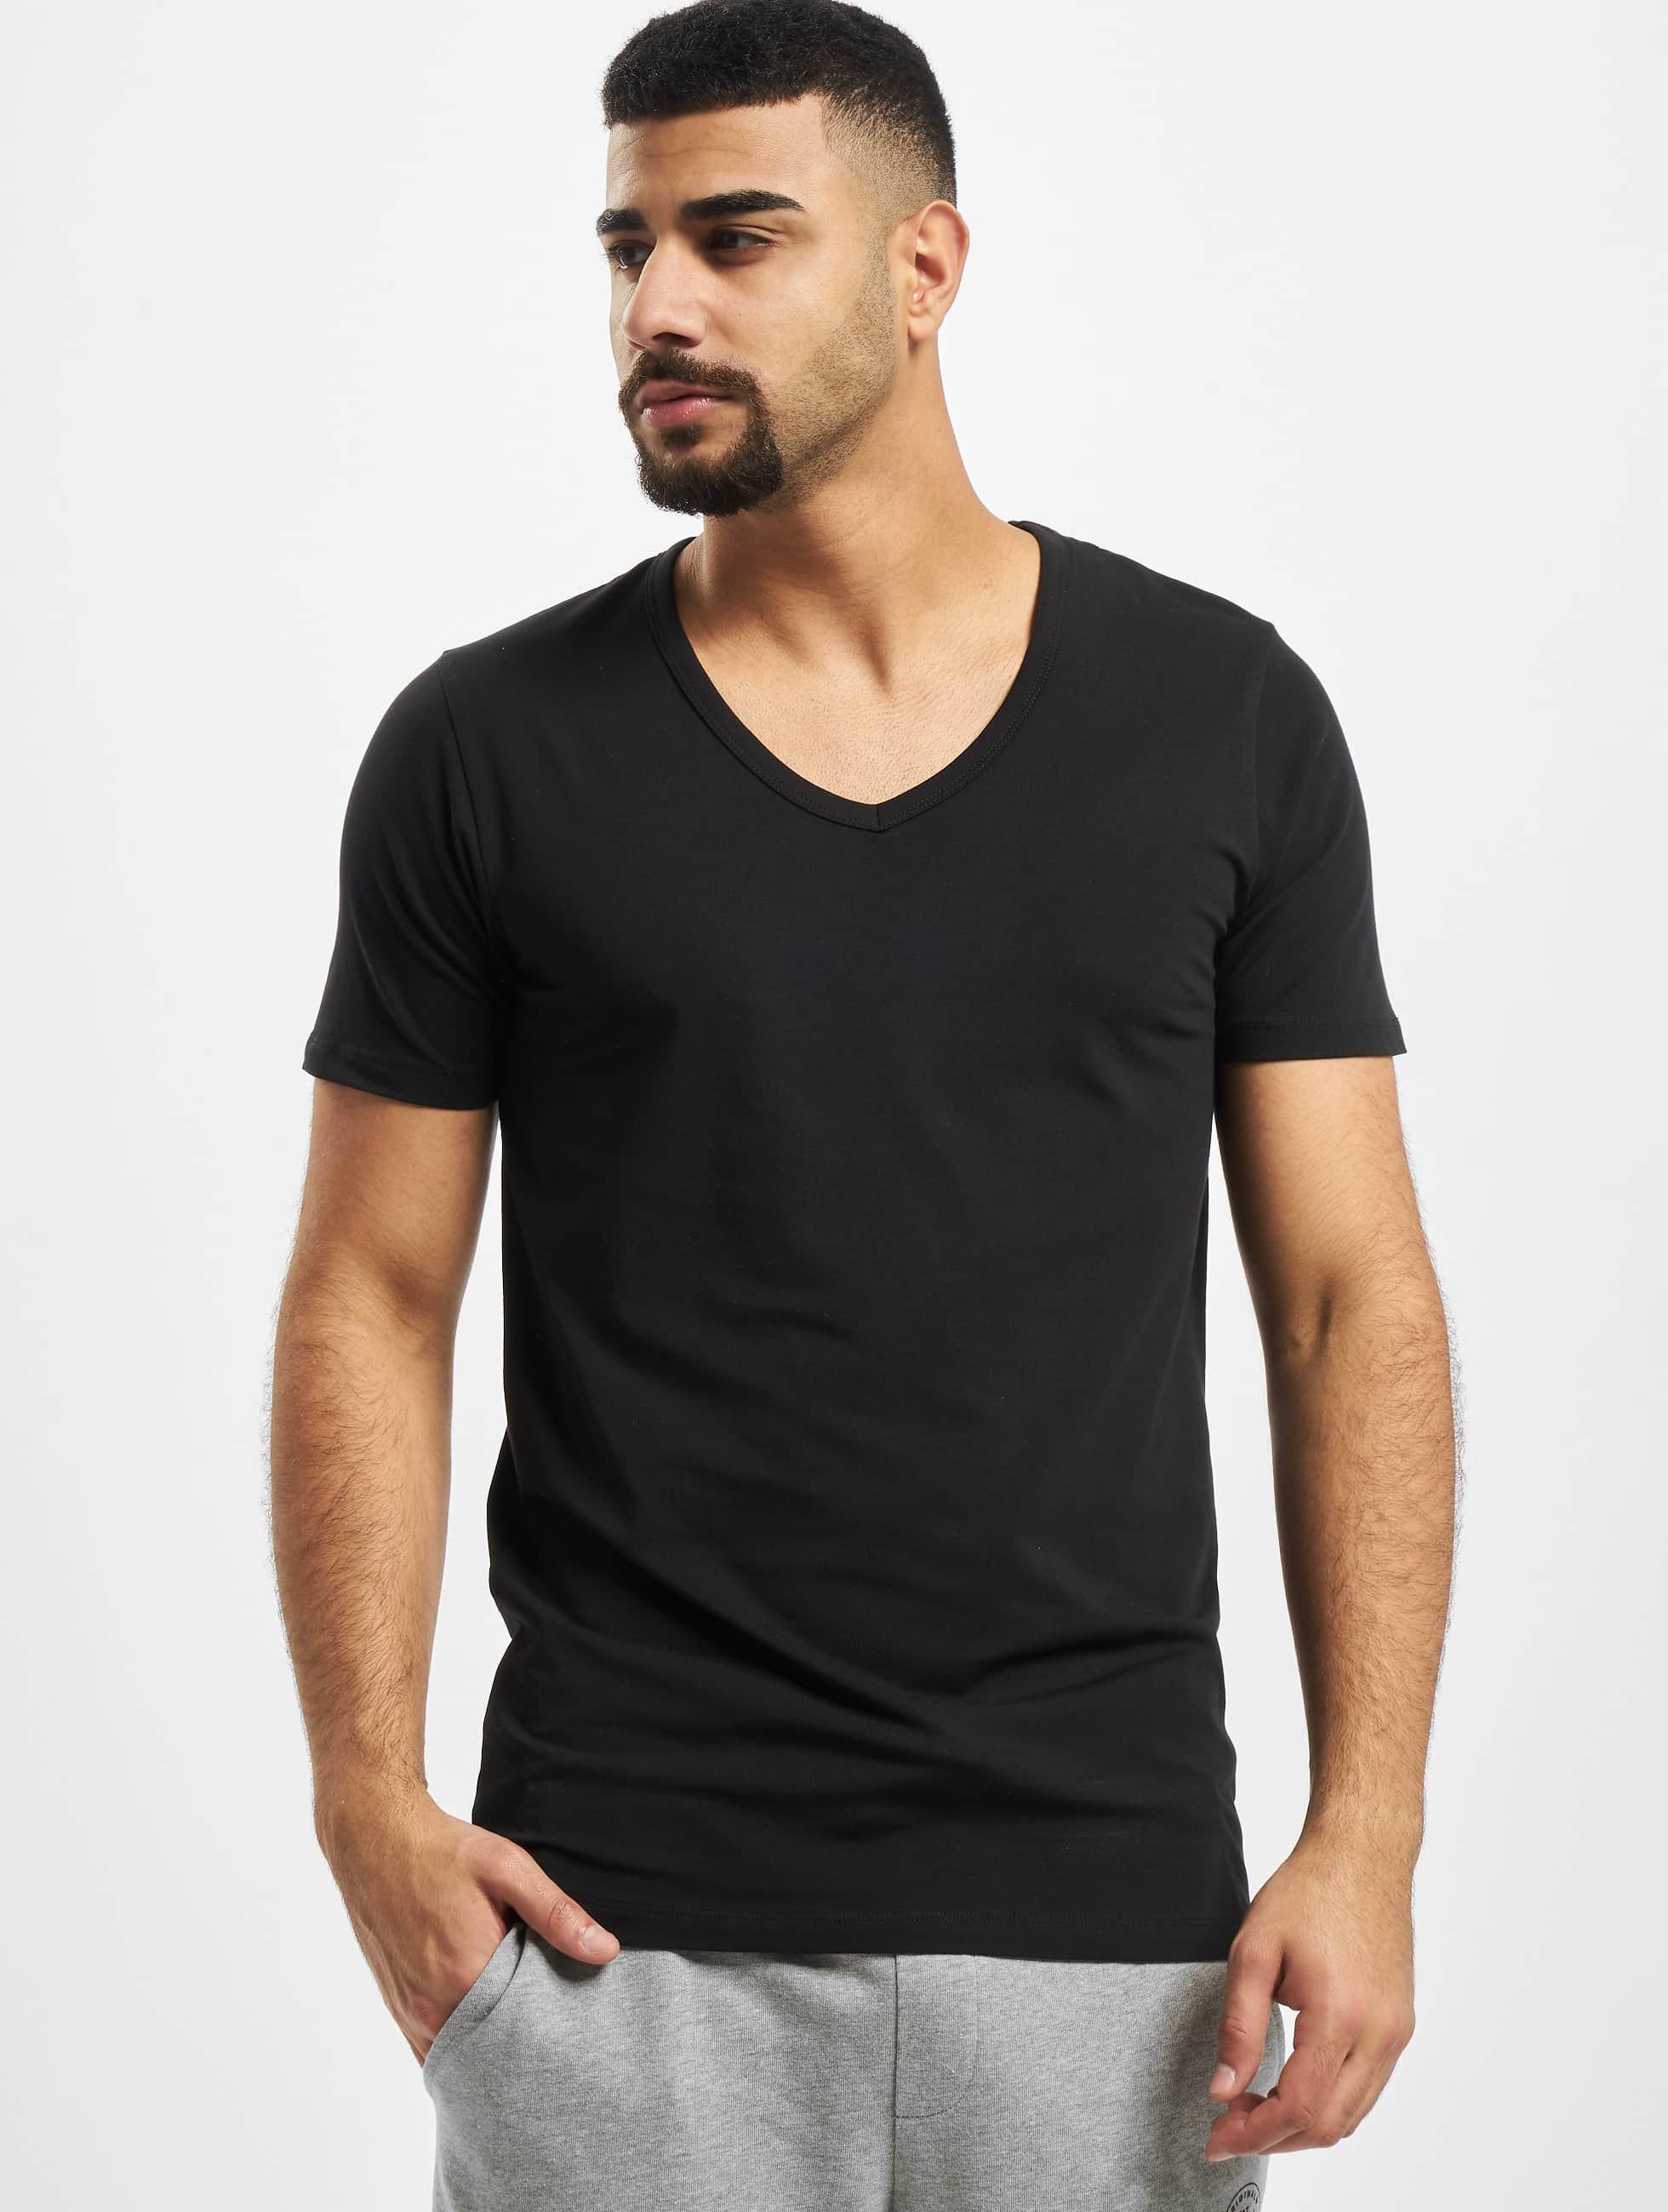 jack jones herren t shirt core basic v neck in schwarz 85480. Black Bedroom Furniture Sets. Home Design Ideas